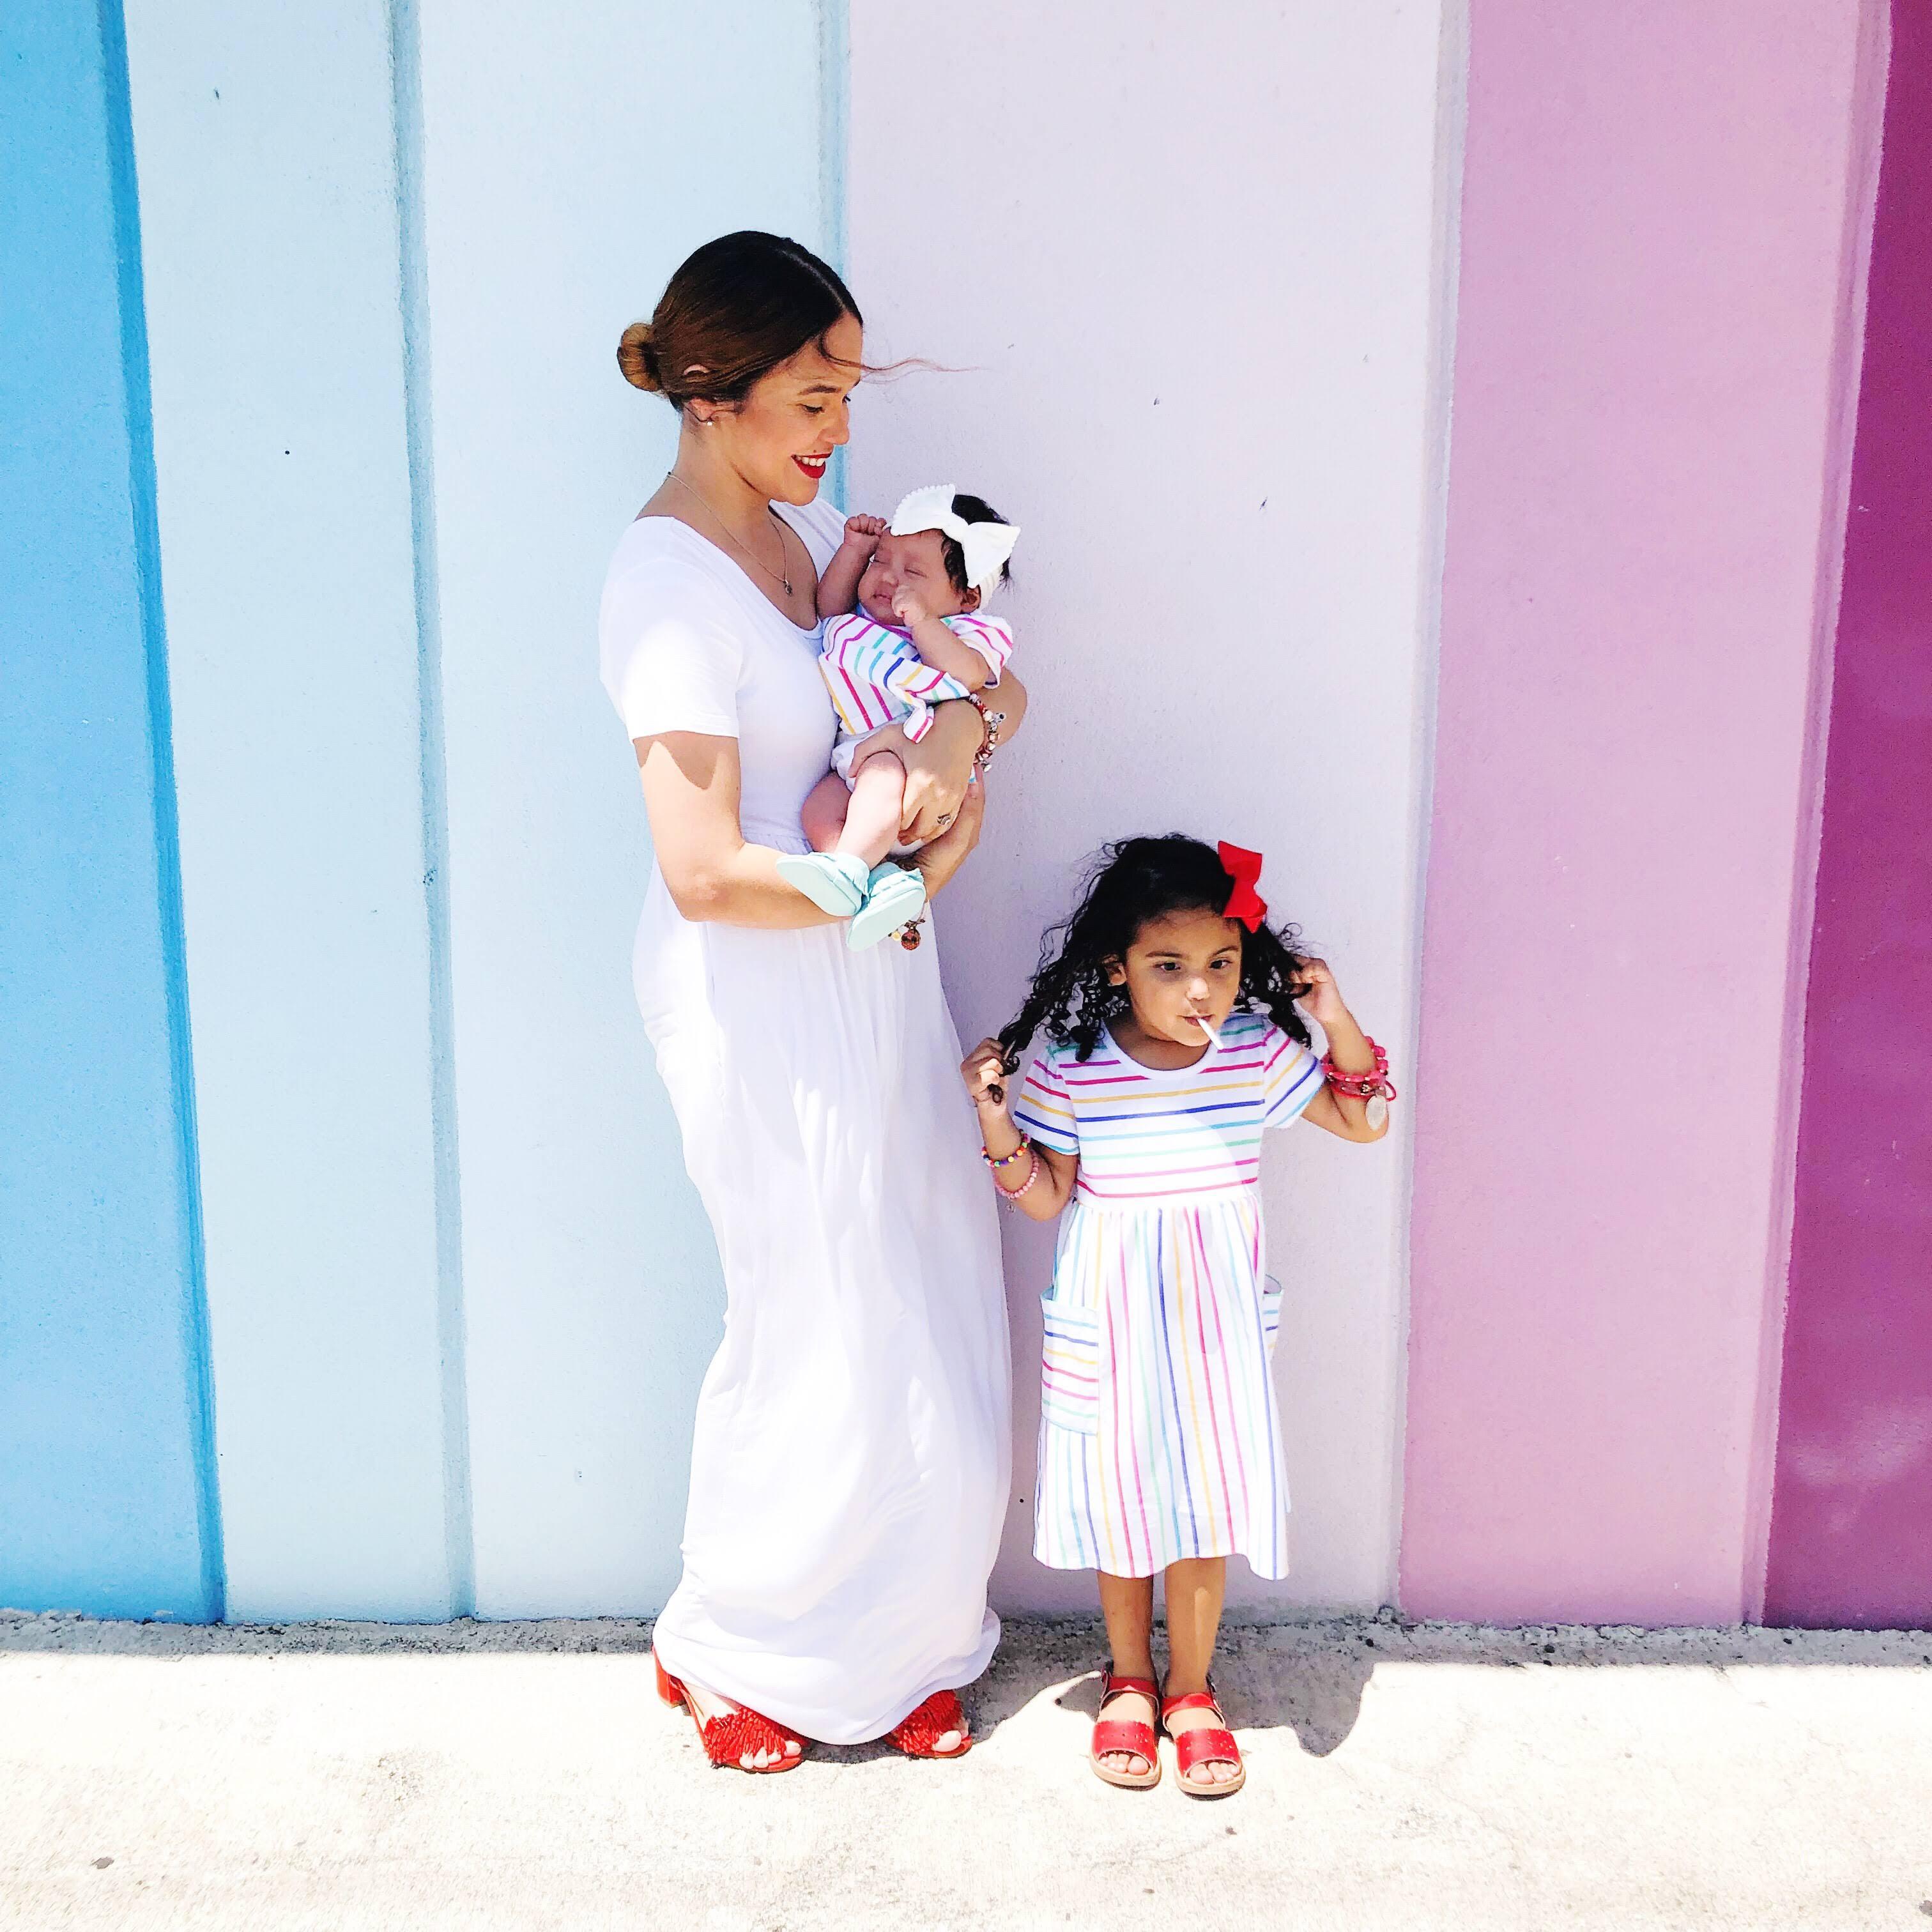 mama y ninas con ropa en patrones comunes